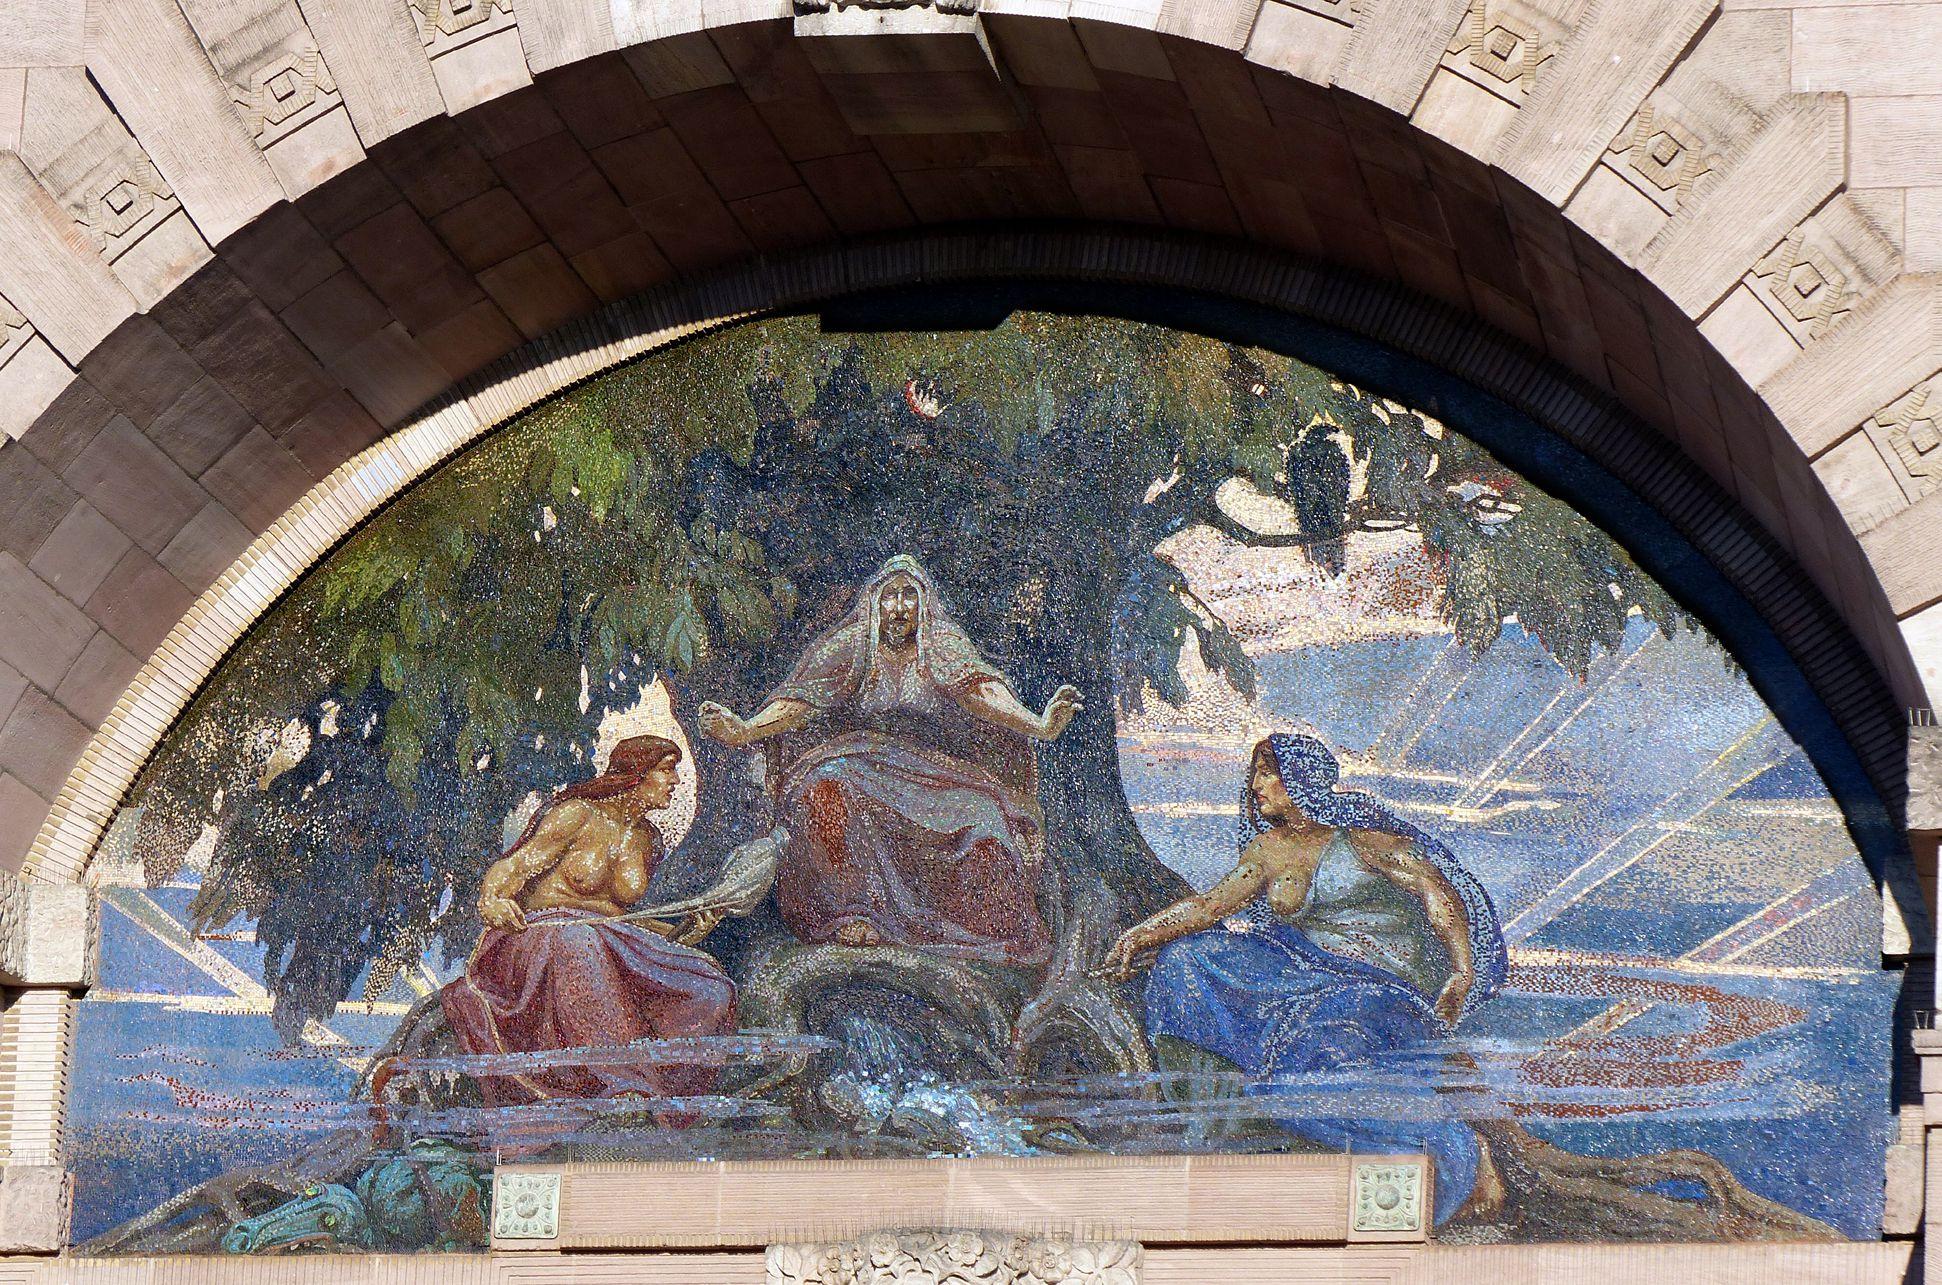 Opernhaus Mosaik mit den drei Nornen (Schicksalsfrauen aus der nordischen Mythologie), nach Karton von Hermann Schwabe d.J.